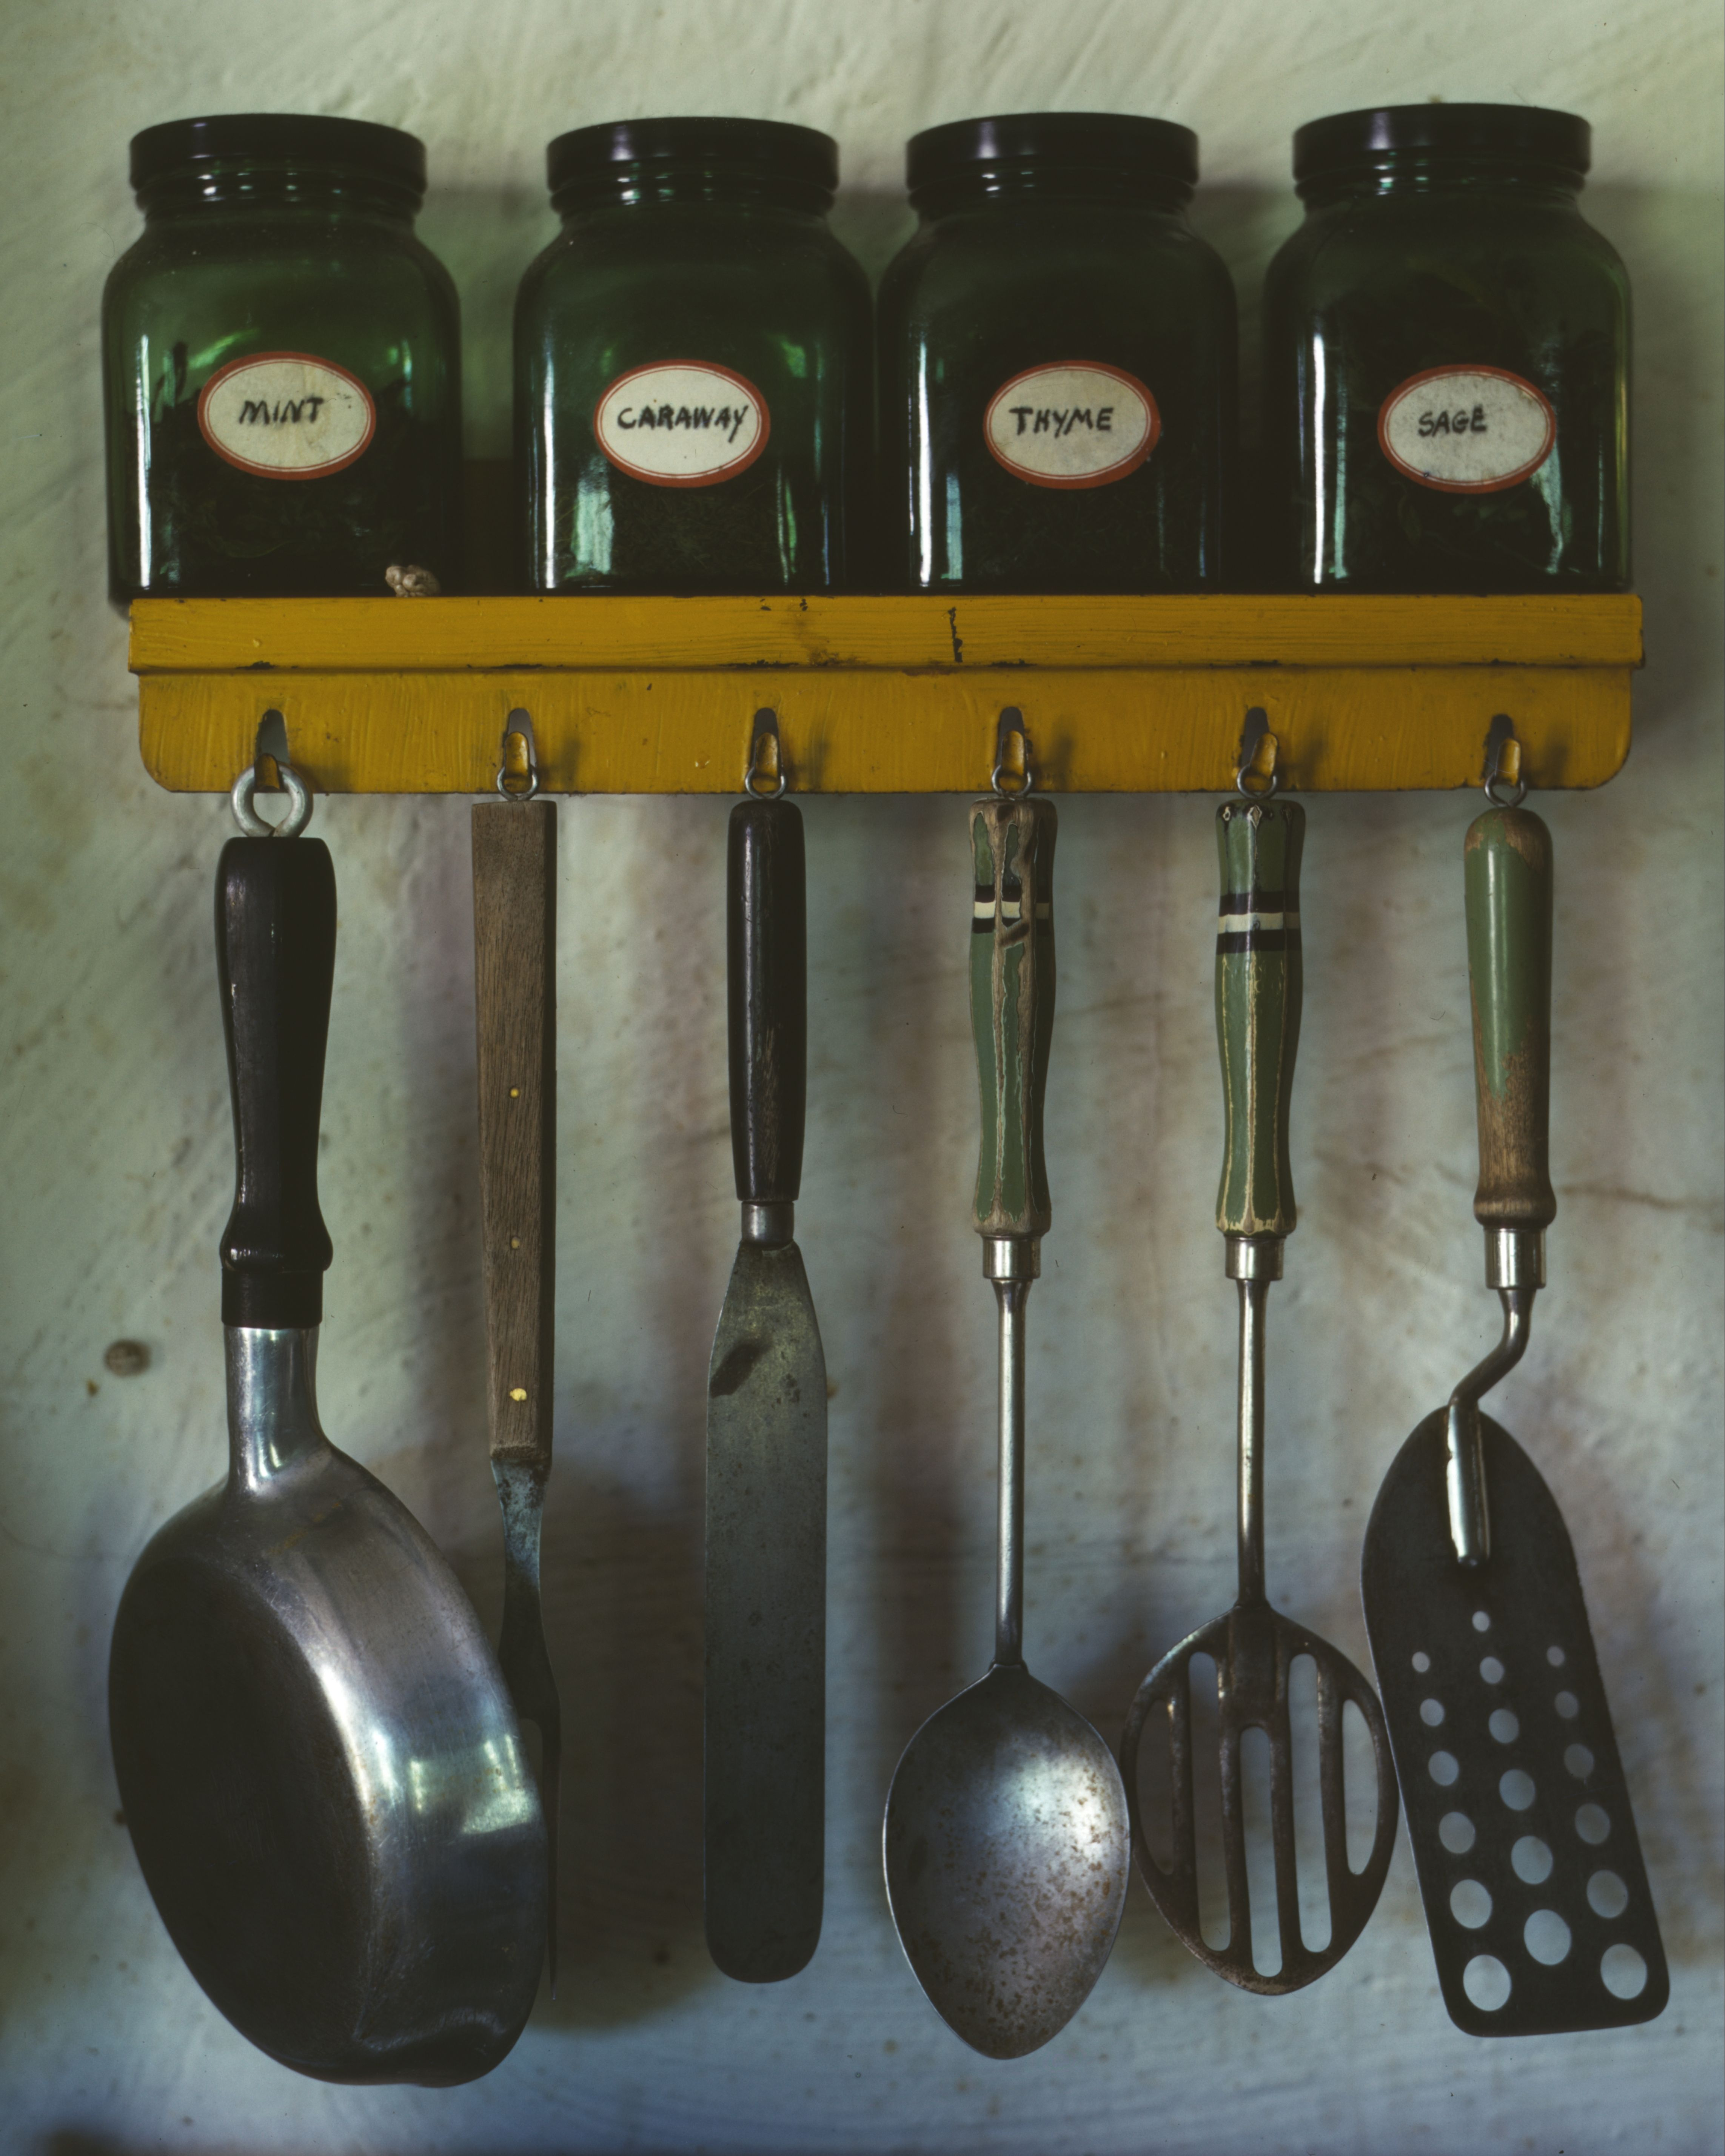 Kitchen Utensils Hanging Below A E Rack